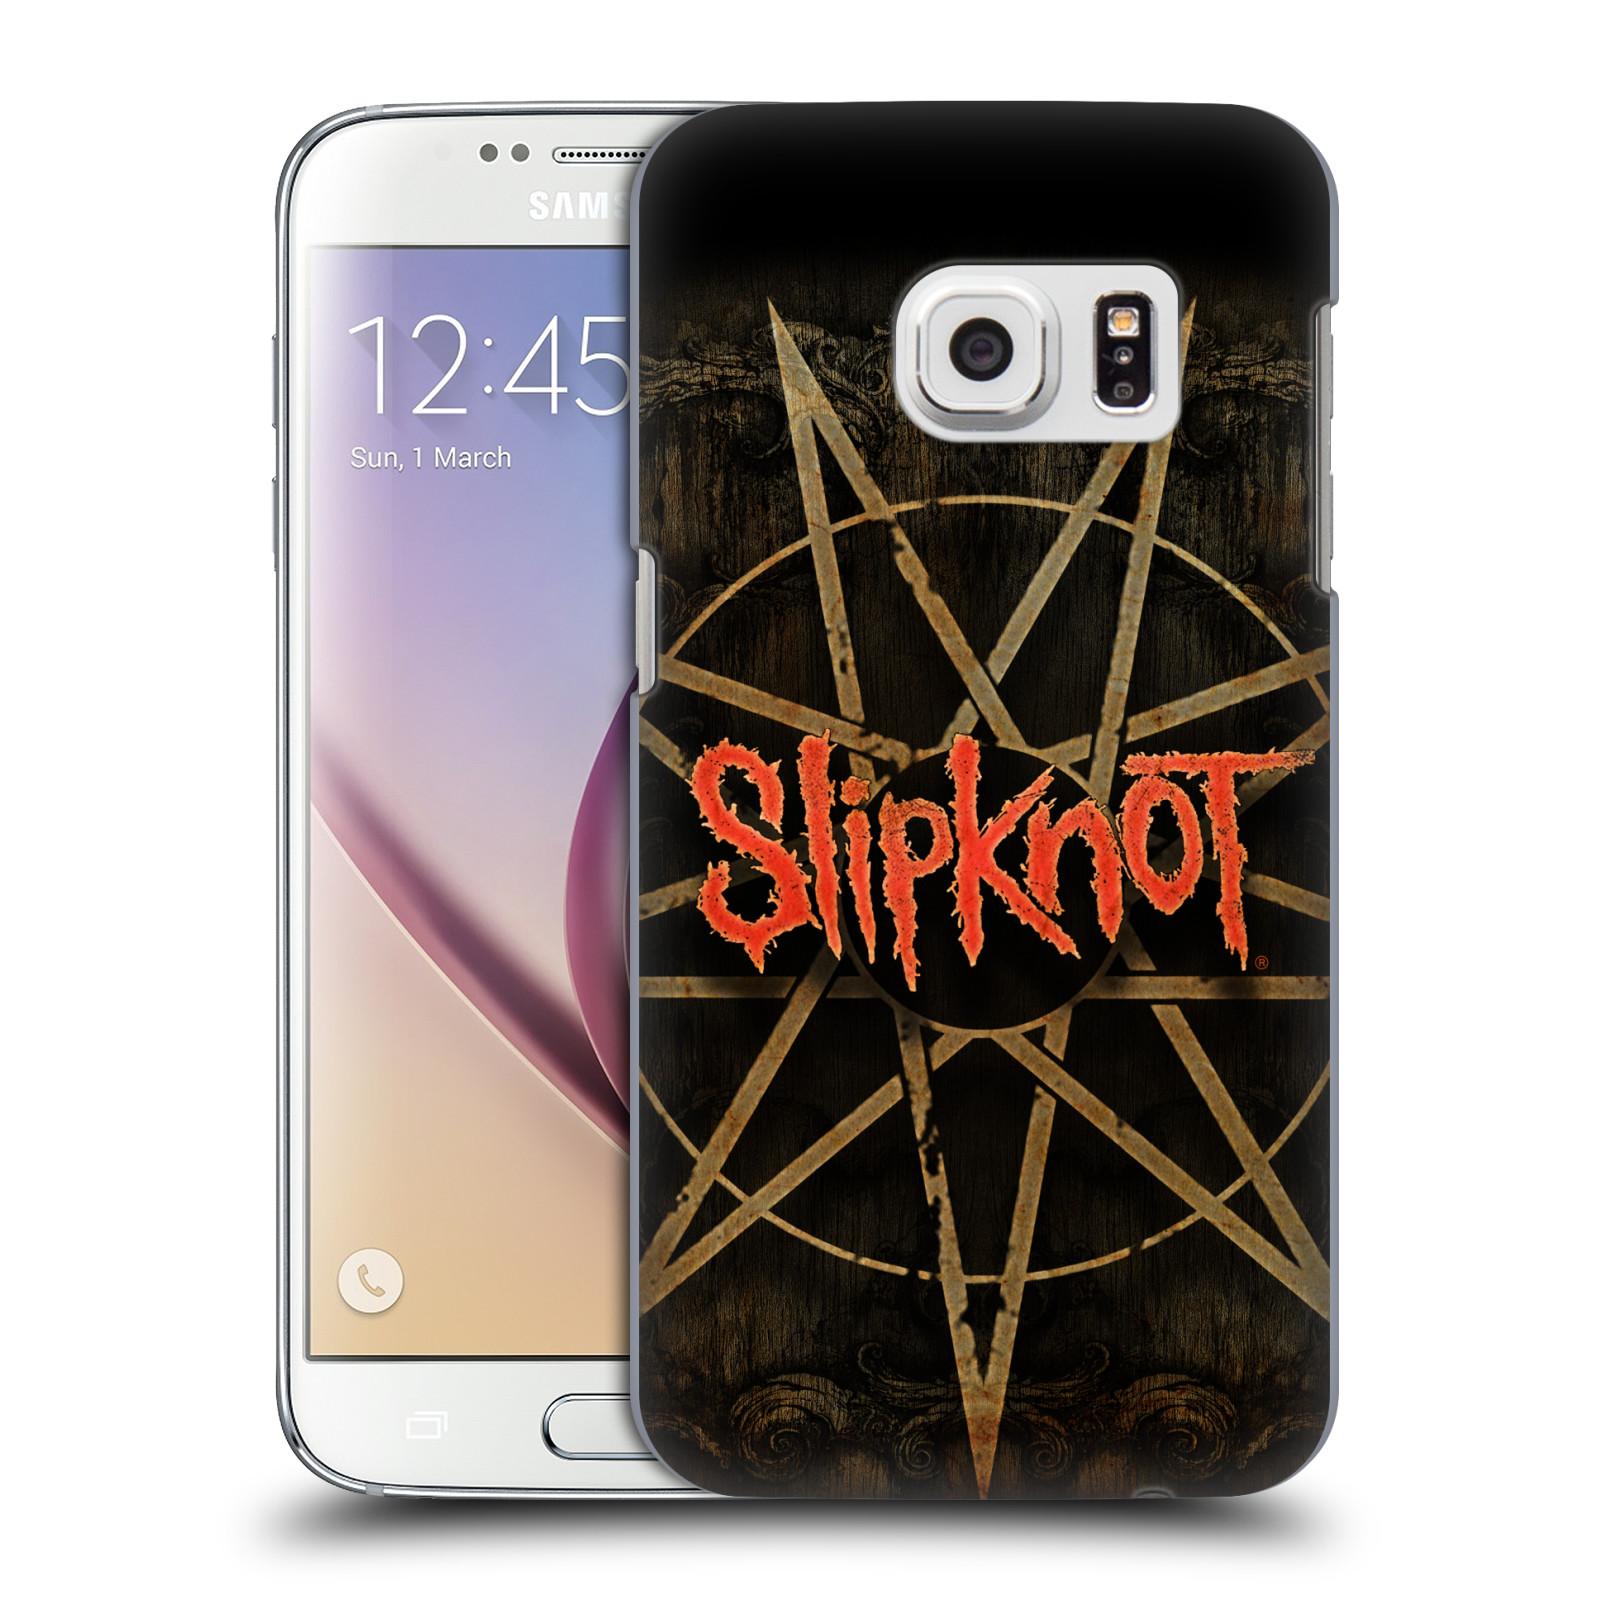 Plastové pouzdro na mobil Samsung Galaxy S7 HEAD CASE Slipknot - Znak (Plastový kryt či obal na mobilní telefon licencovaným motivem Slipknot pro Samsung Galaxy S7 SM-G930F)